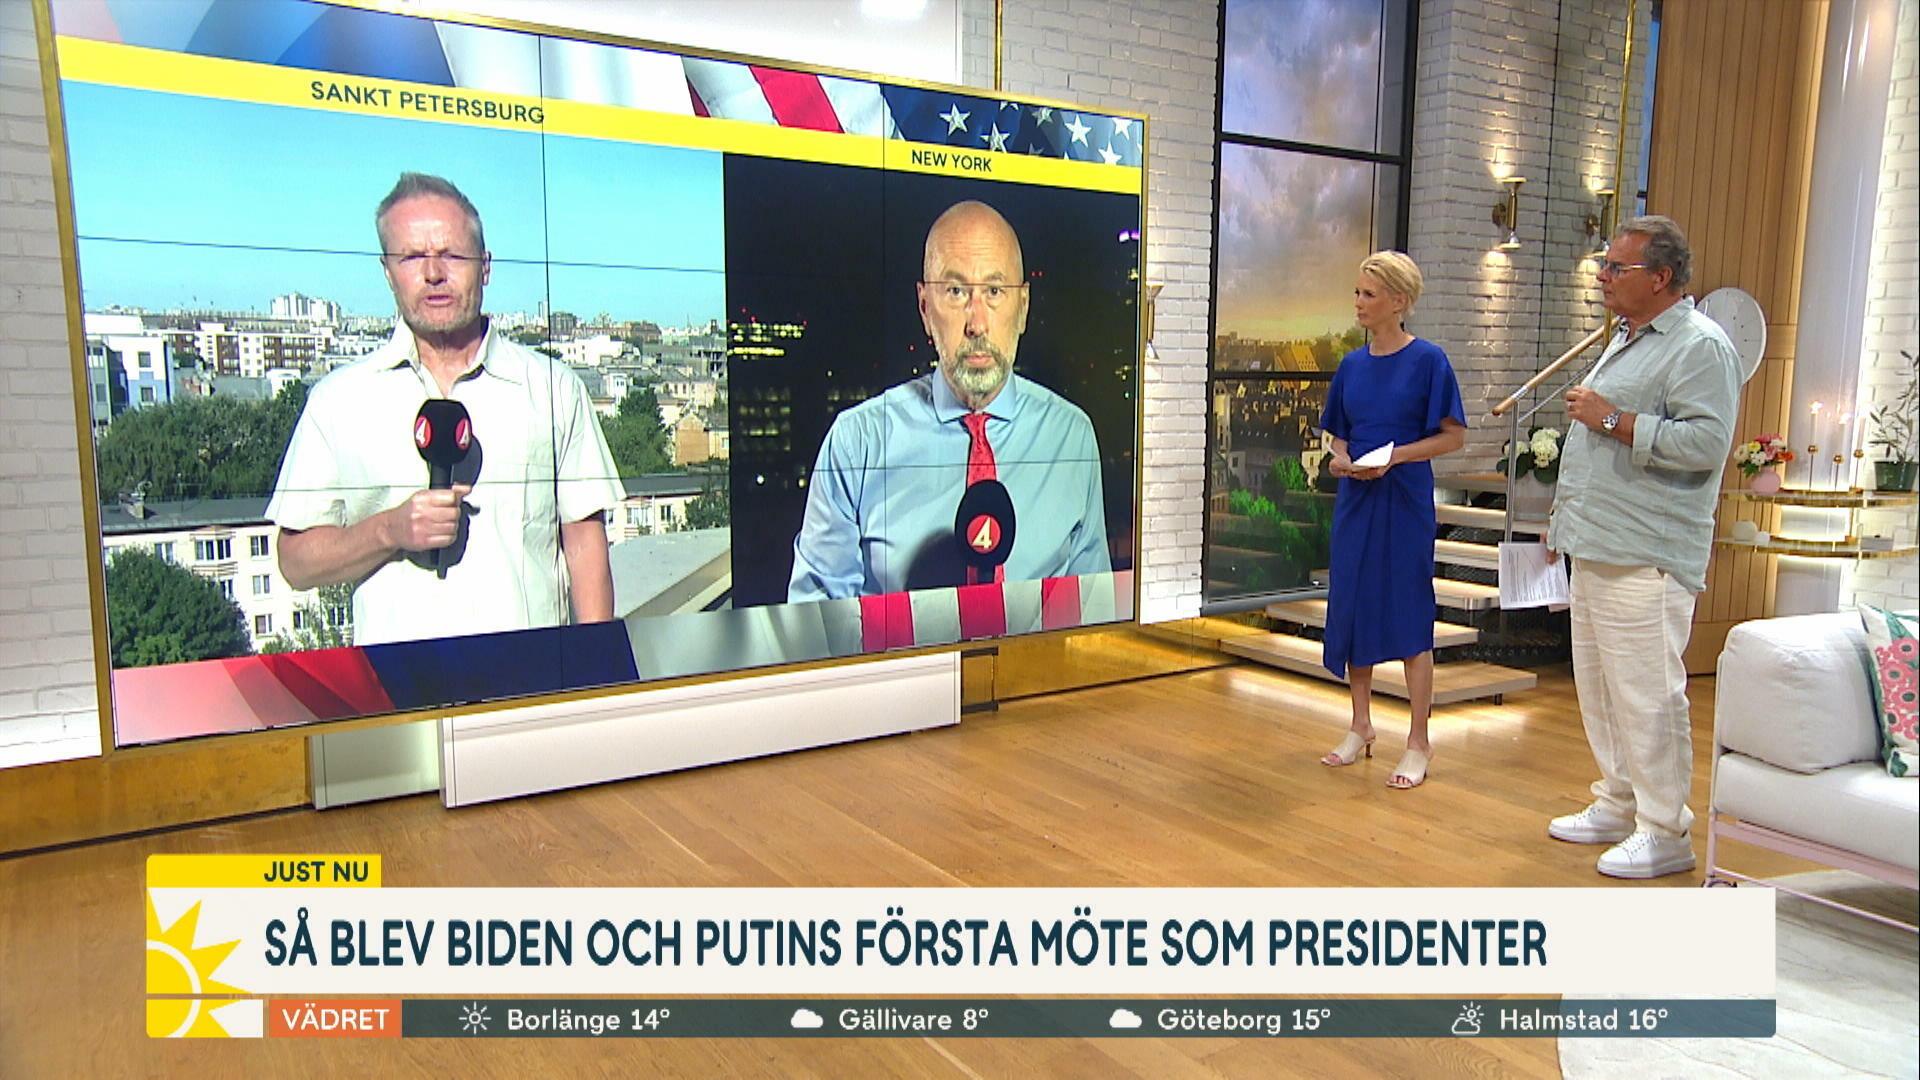 """Så blev Biden och Putins möte: """"Låga förväntningar - höjde stämningen"""""""